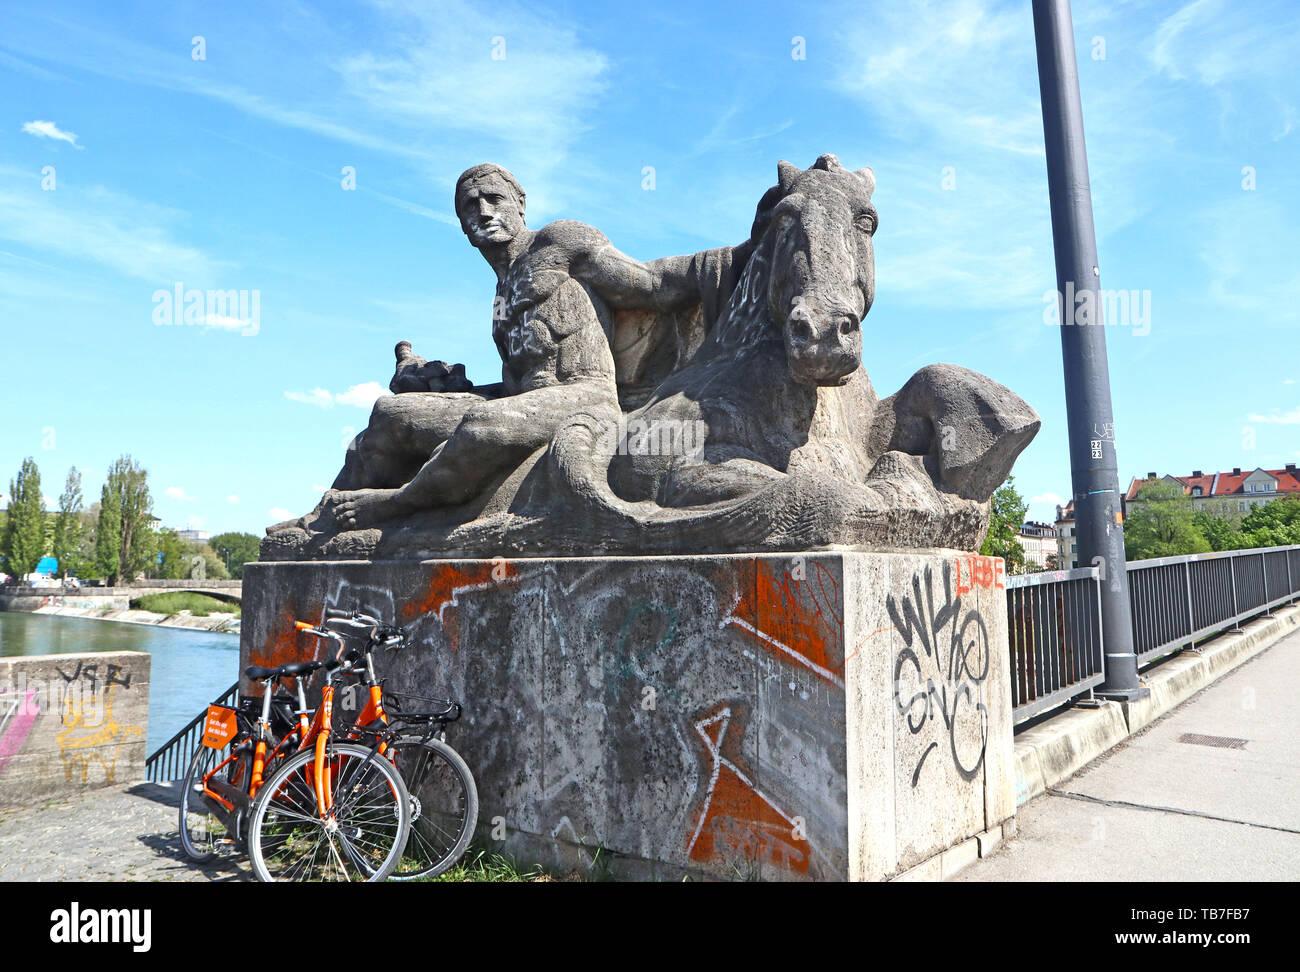 MUNICH, Alemania - 2 de mayo de 2019 grupo escultórico de fecha 1925 en el NW de Reichenbach comienzo del puente sobre el río Isar, en Munich Foto de stock